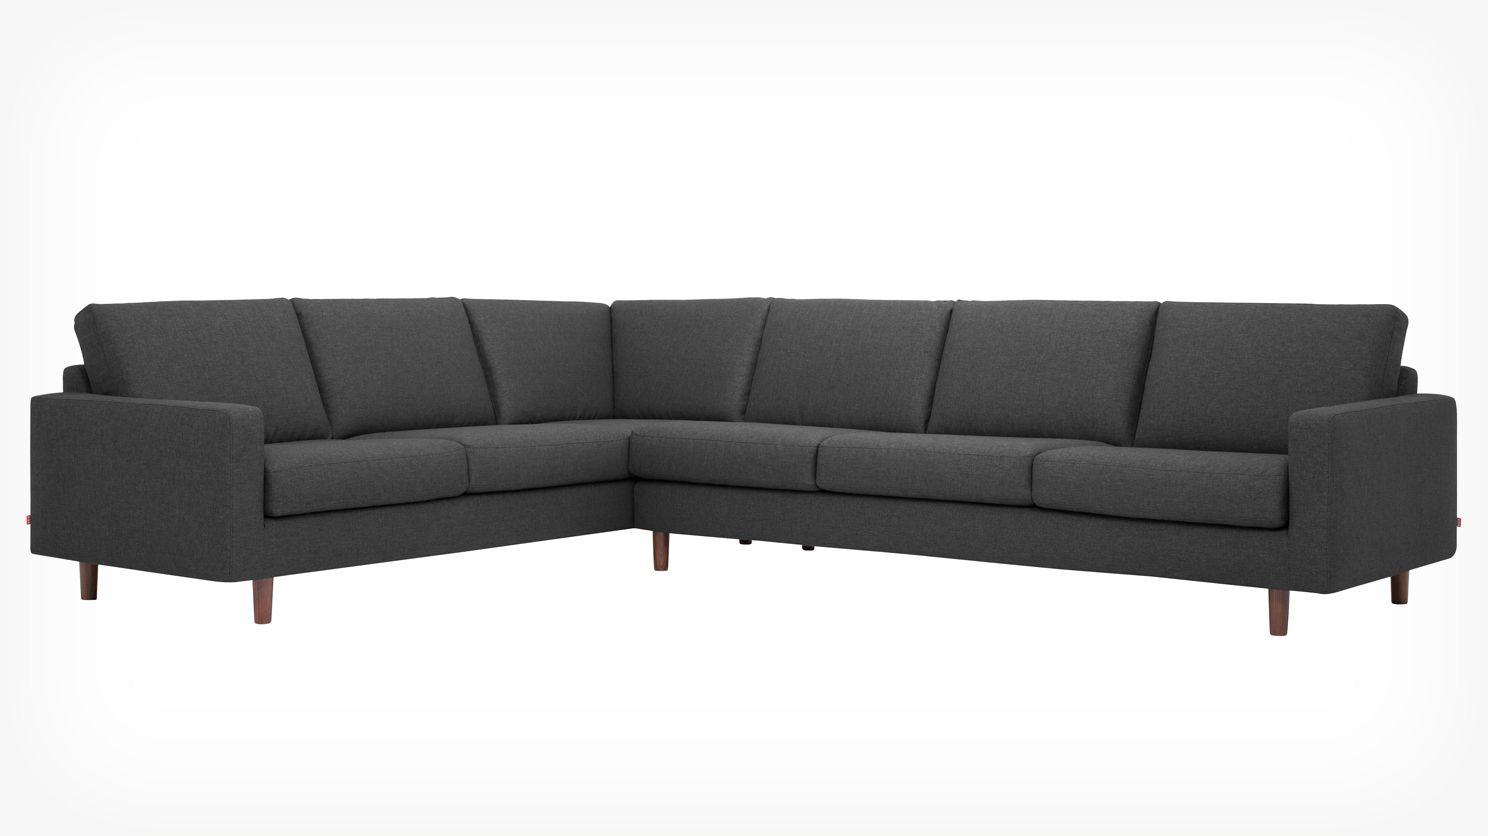 Best Oskar 2 Piece Sectional Sofa Furniture 2 Piece 640 x 480